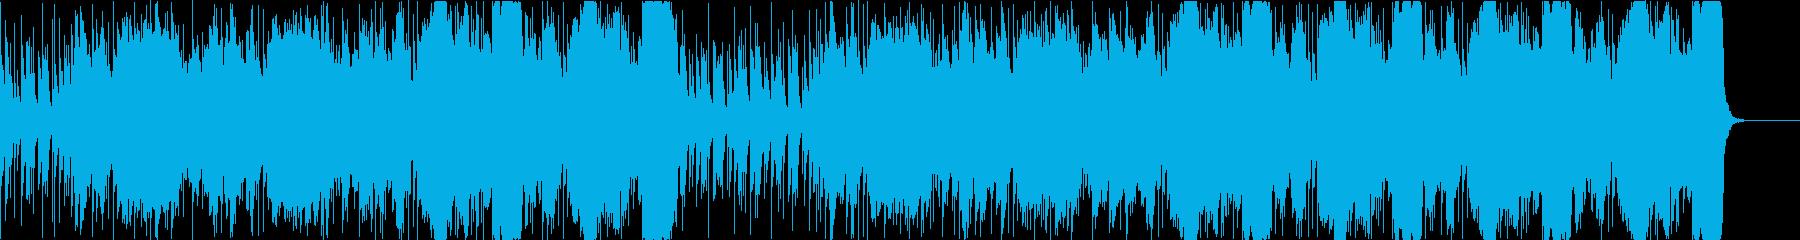 チェロとコントラバス+バイオリンのBGMの再生済みの波形